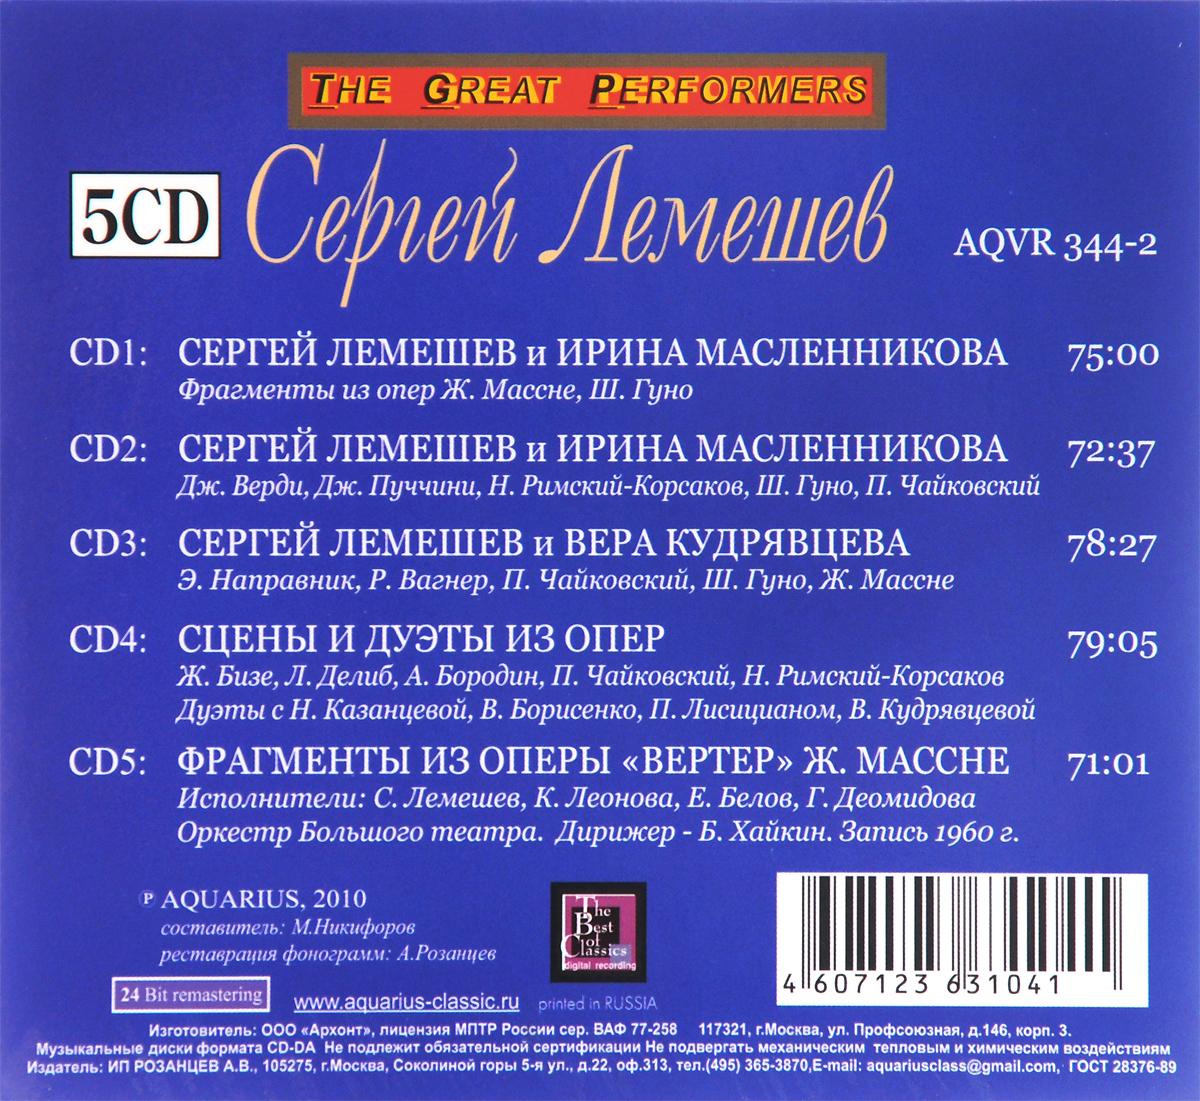 Сергей Лемешев.  Сцены из опер, дуэты (5 CD) Aquarius